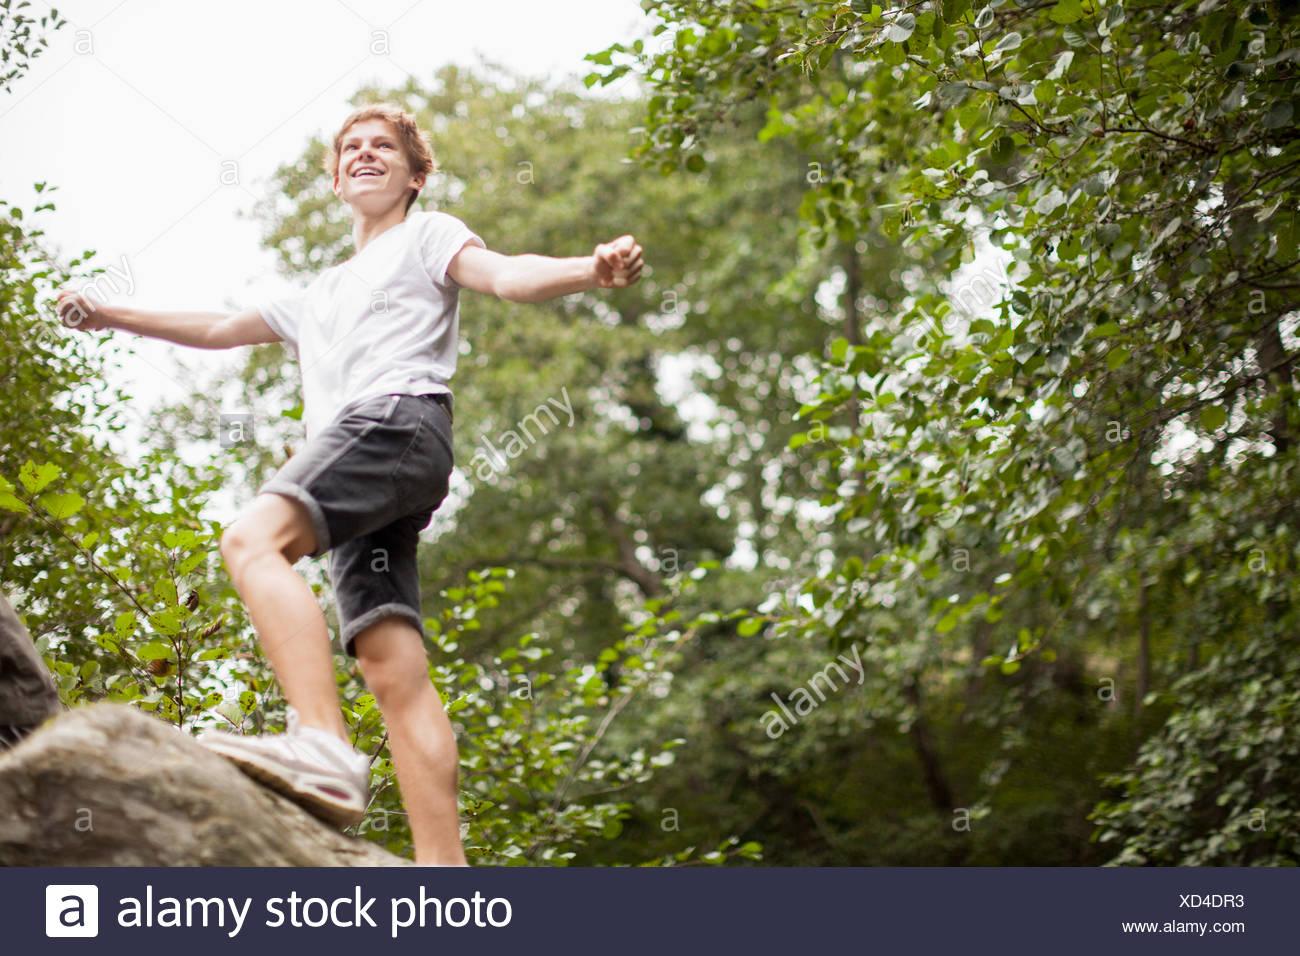 Ragazzo adolescente giocando in un parco Immagini Stock